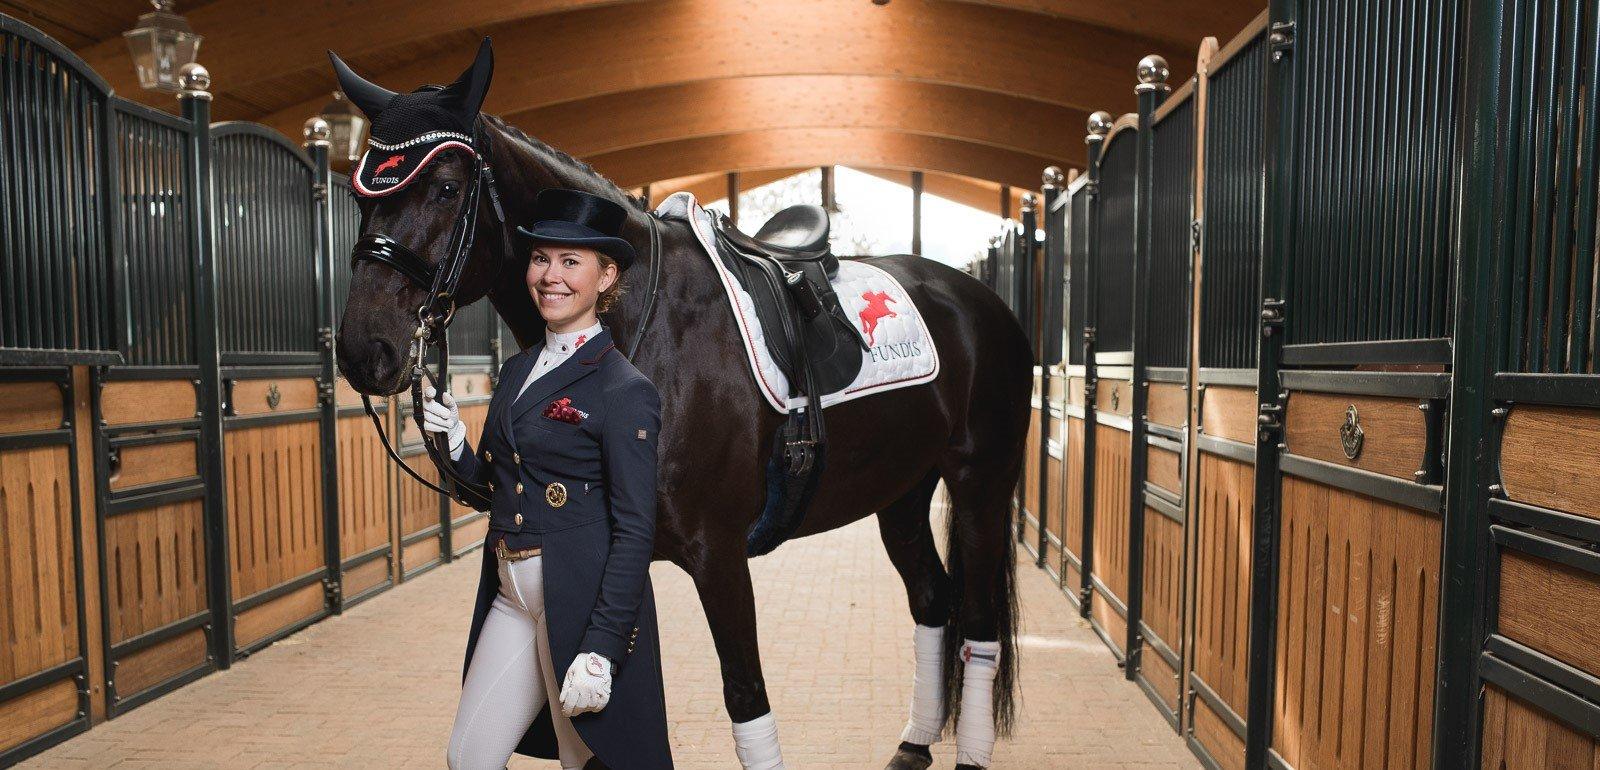 5 Tipps zur Turnierbekleidung für Reiter